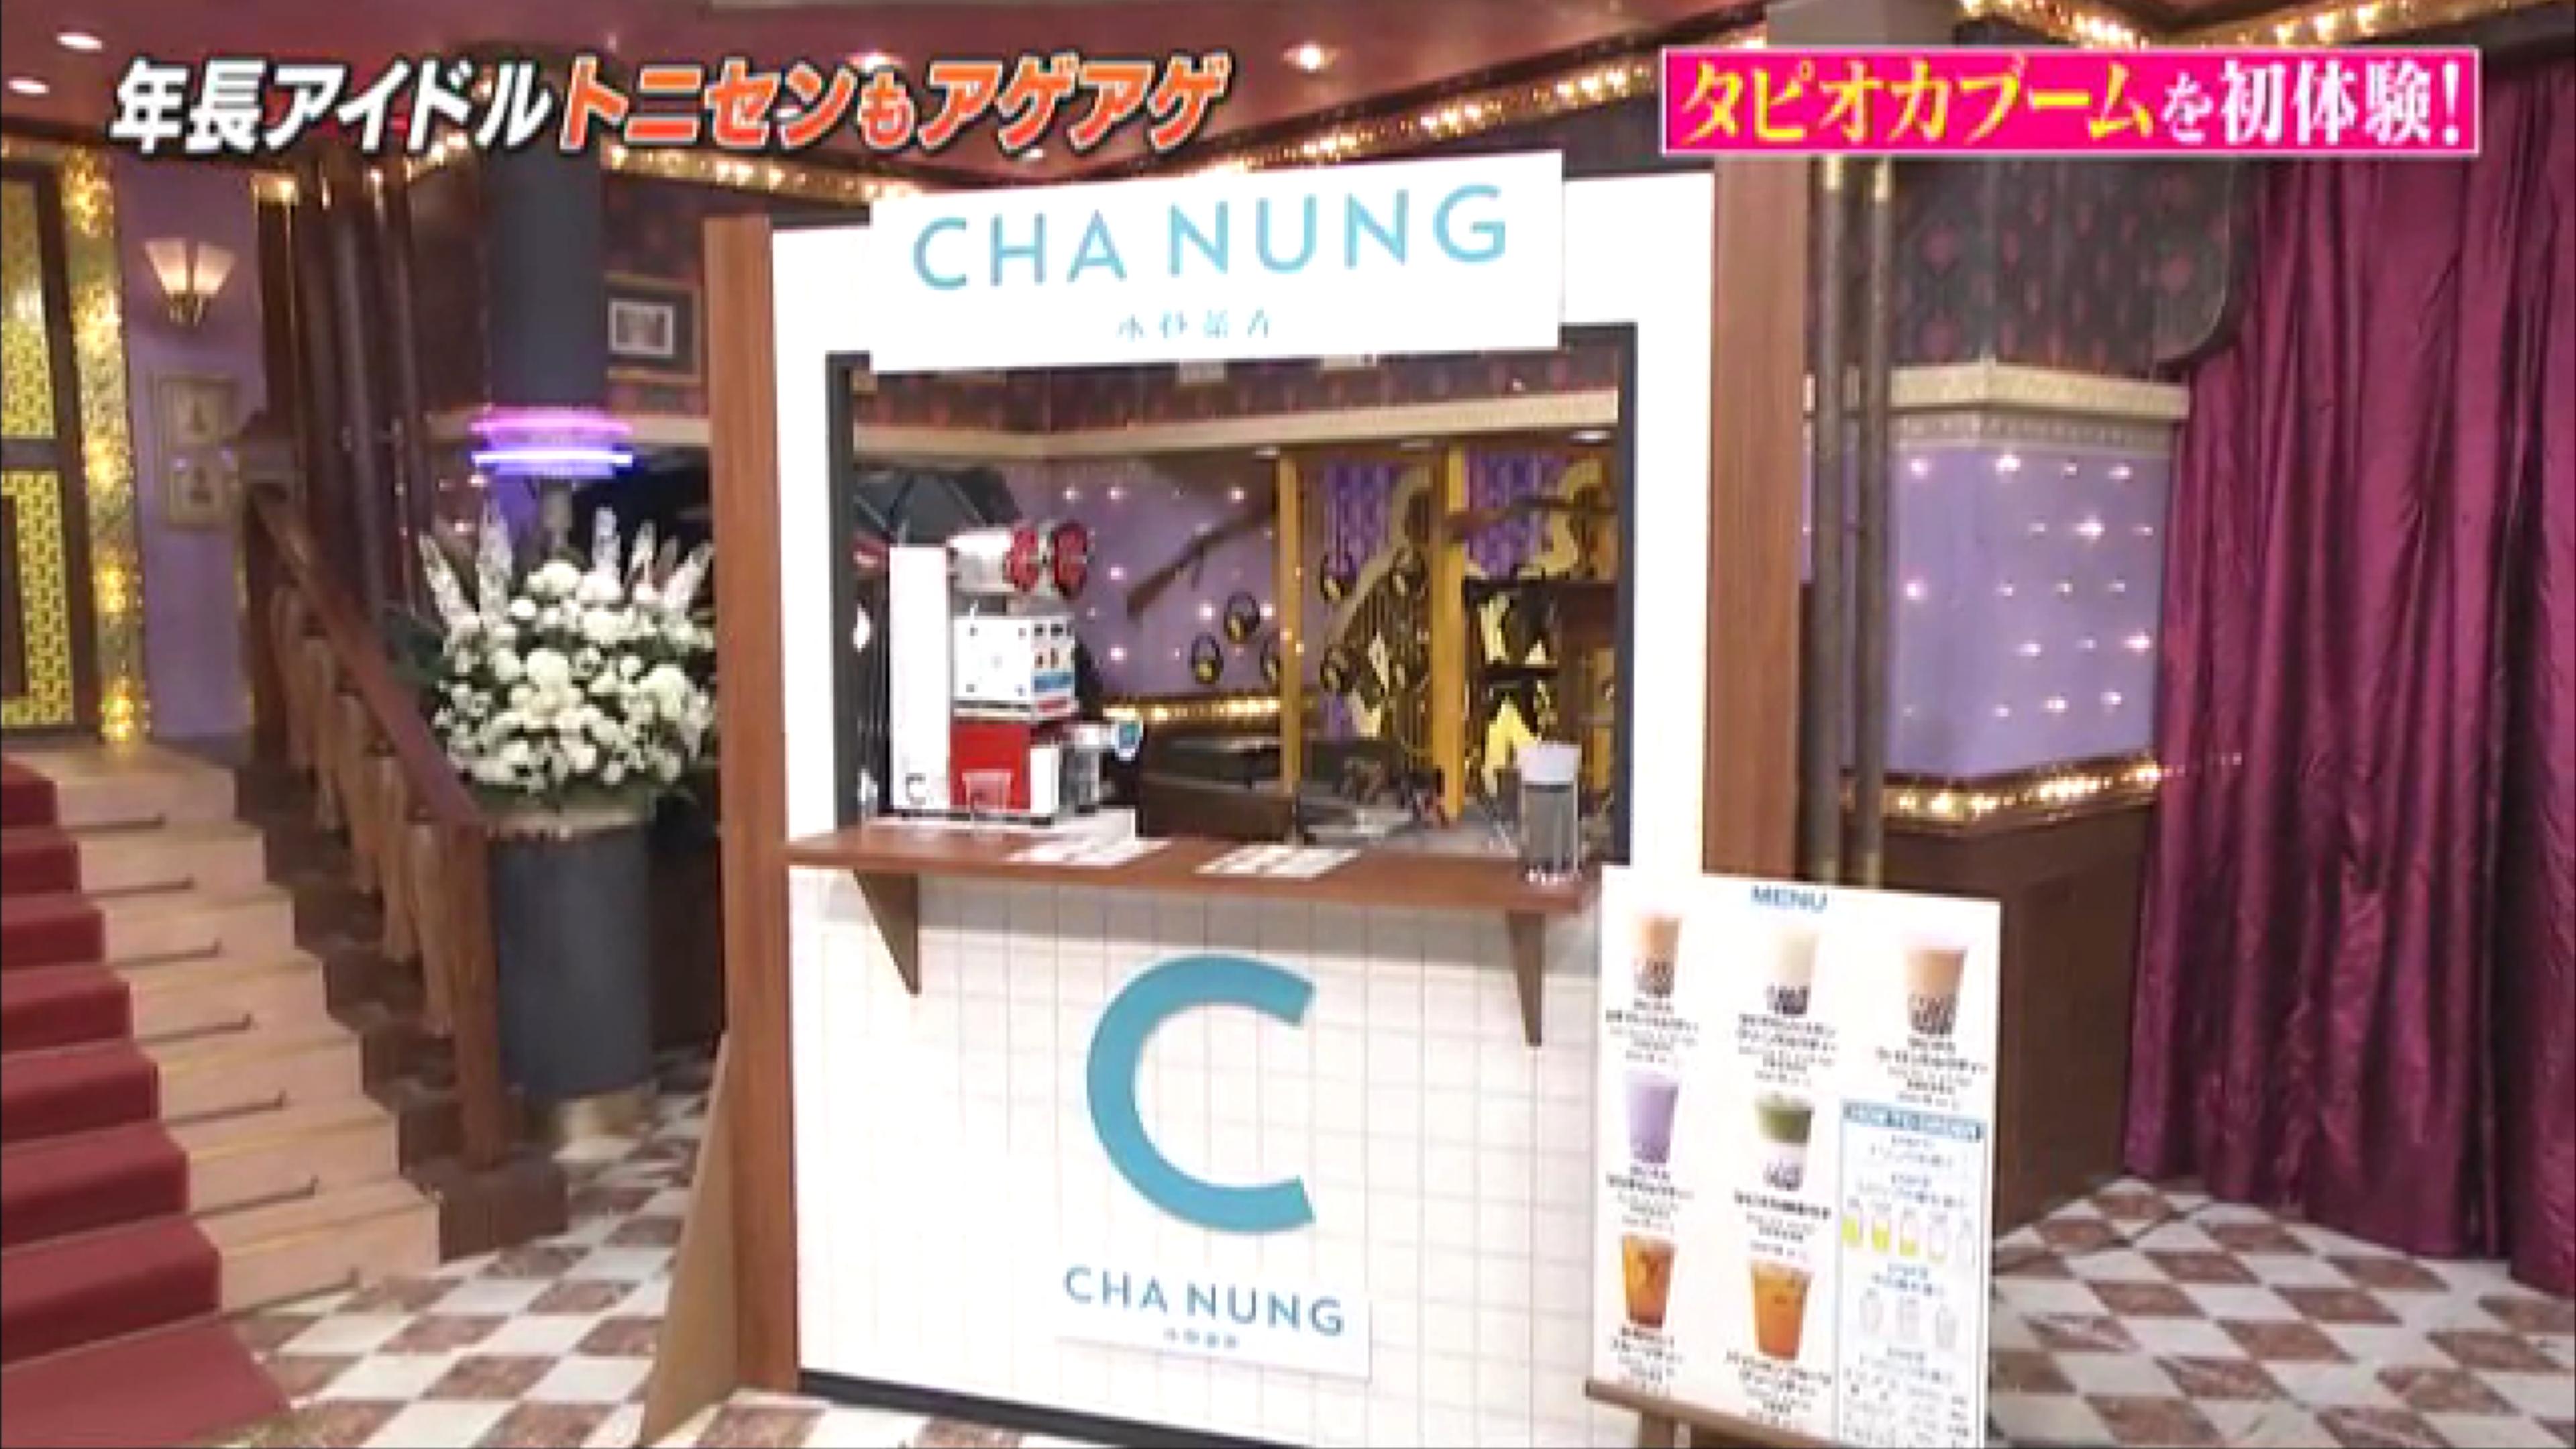 イメージ:日本テレビ 「しゃべくり007」にチャノンが紹介されました